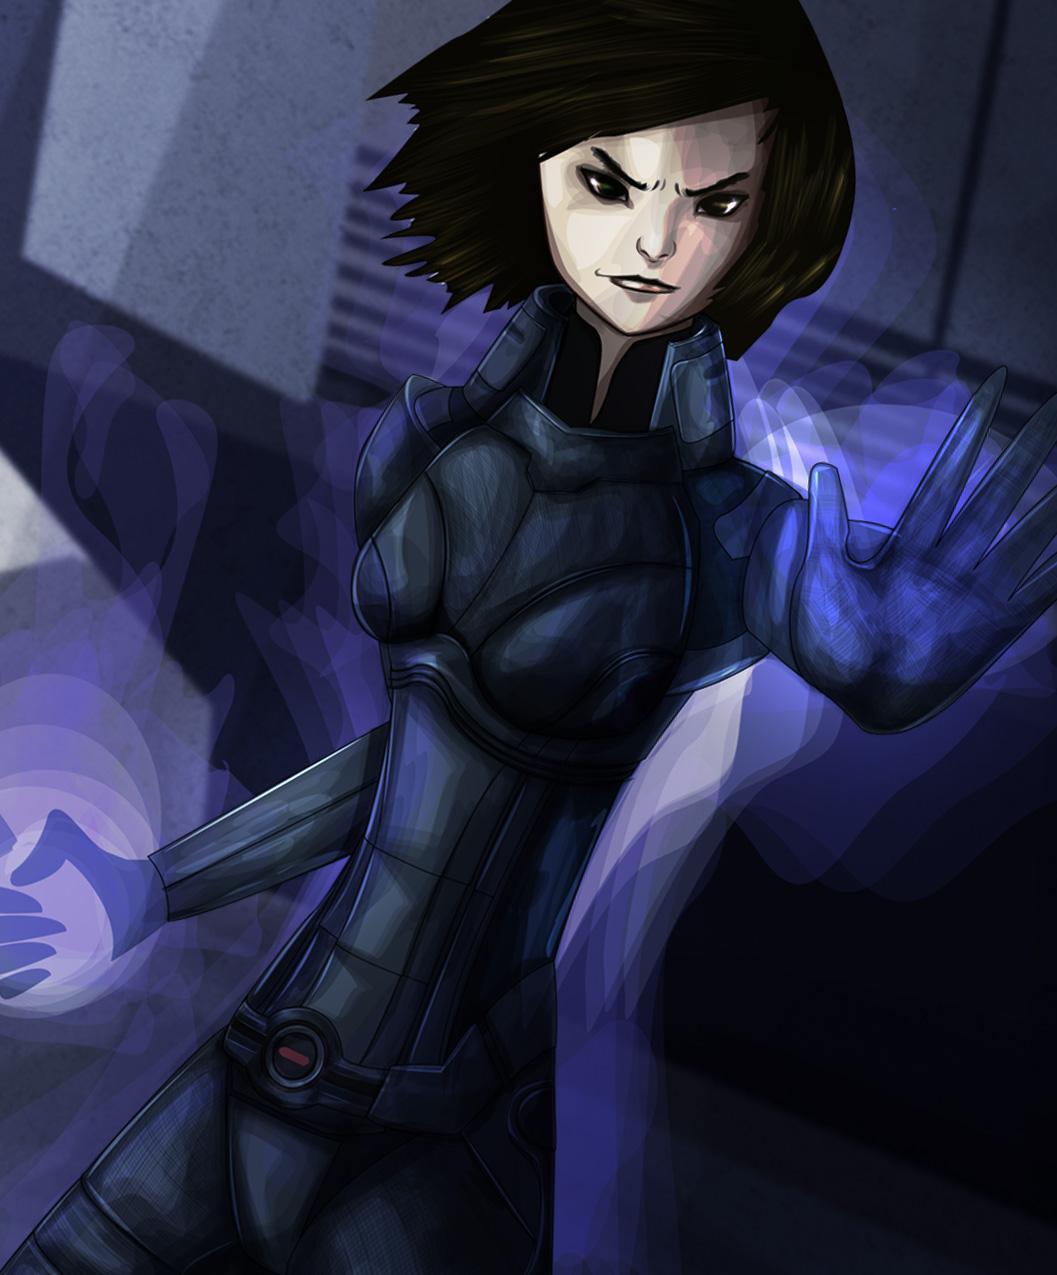 Mass Effect - The Adept